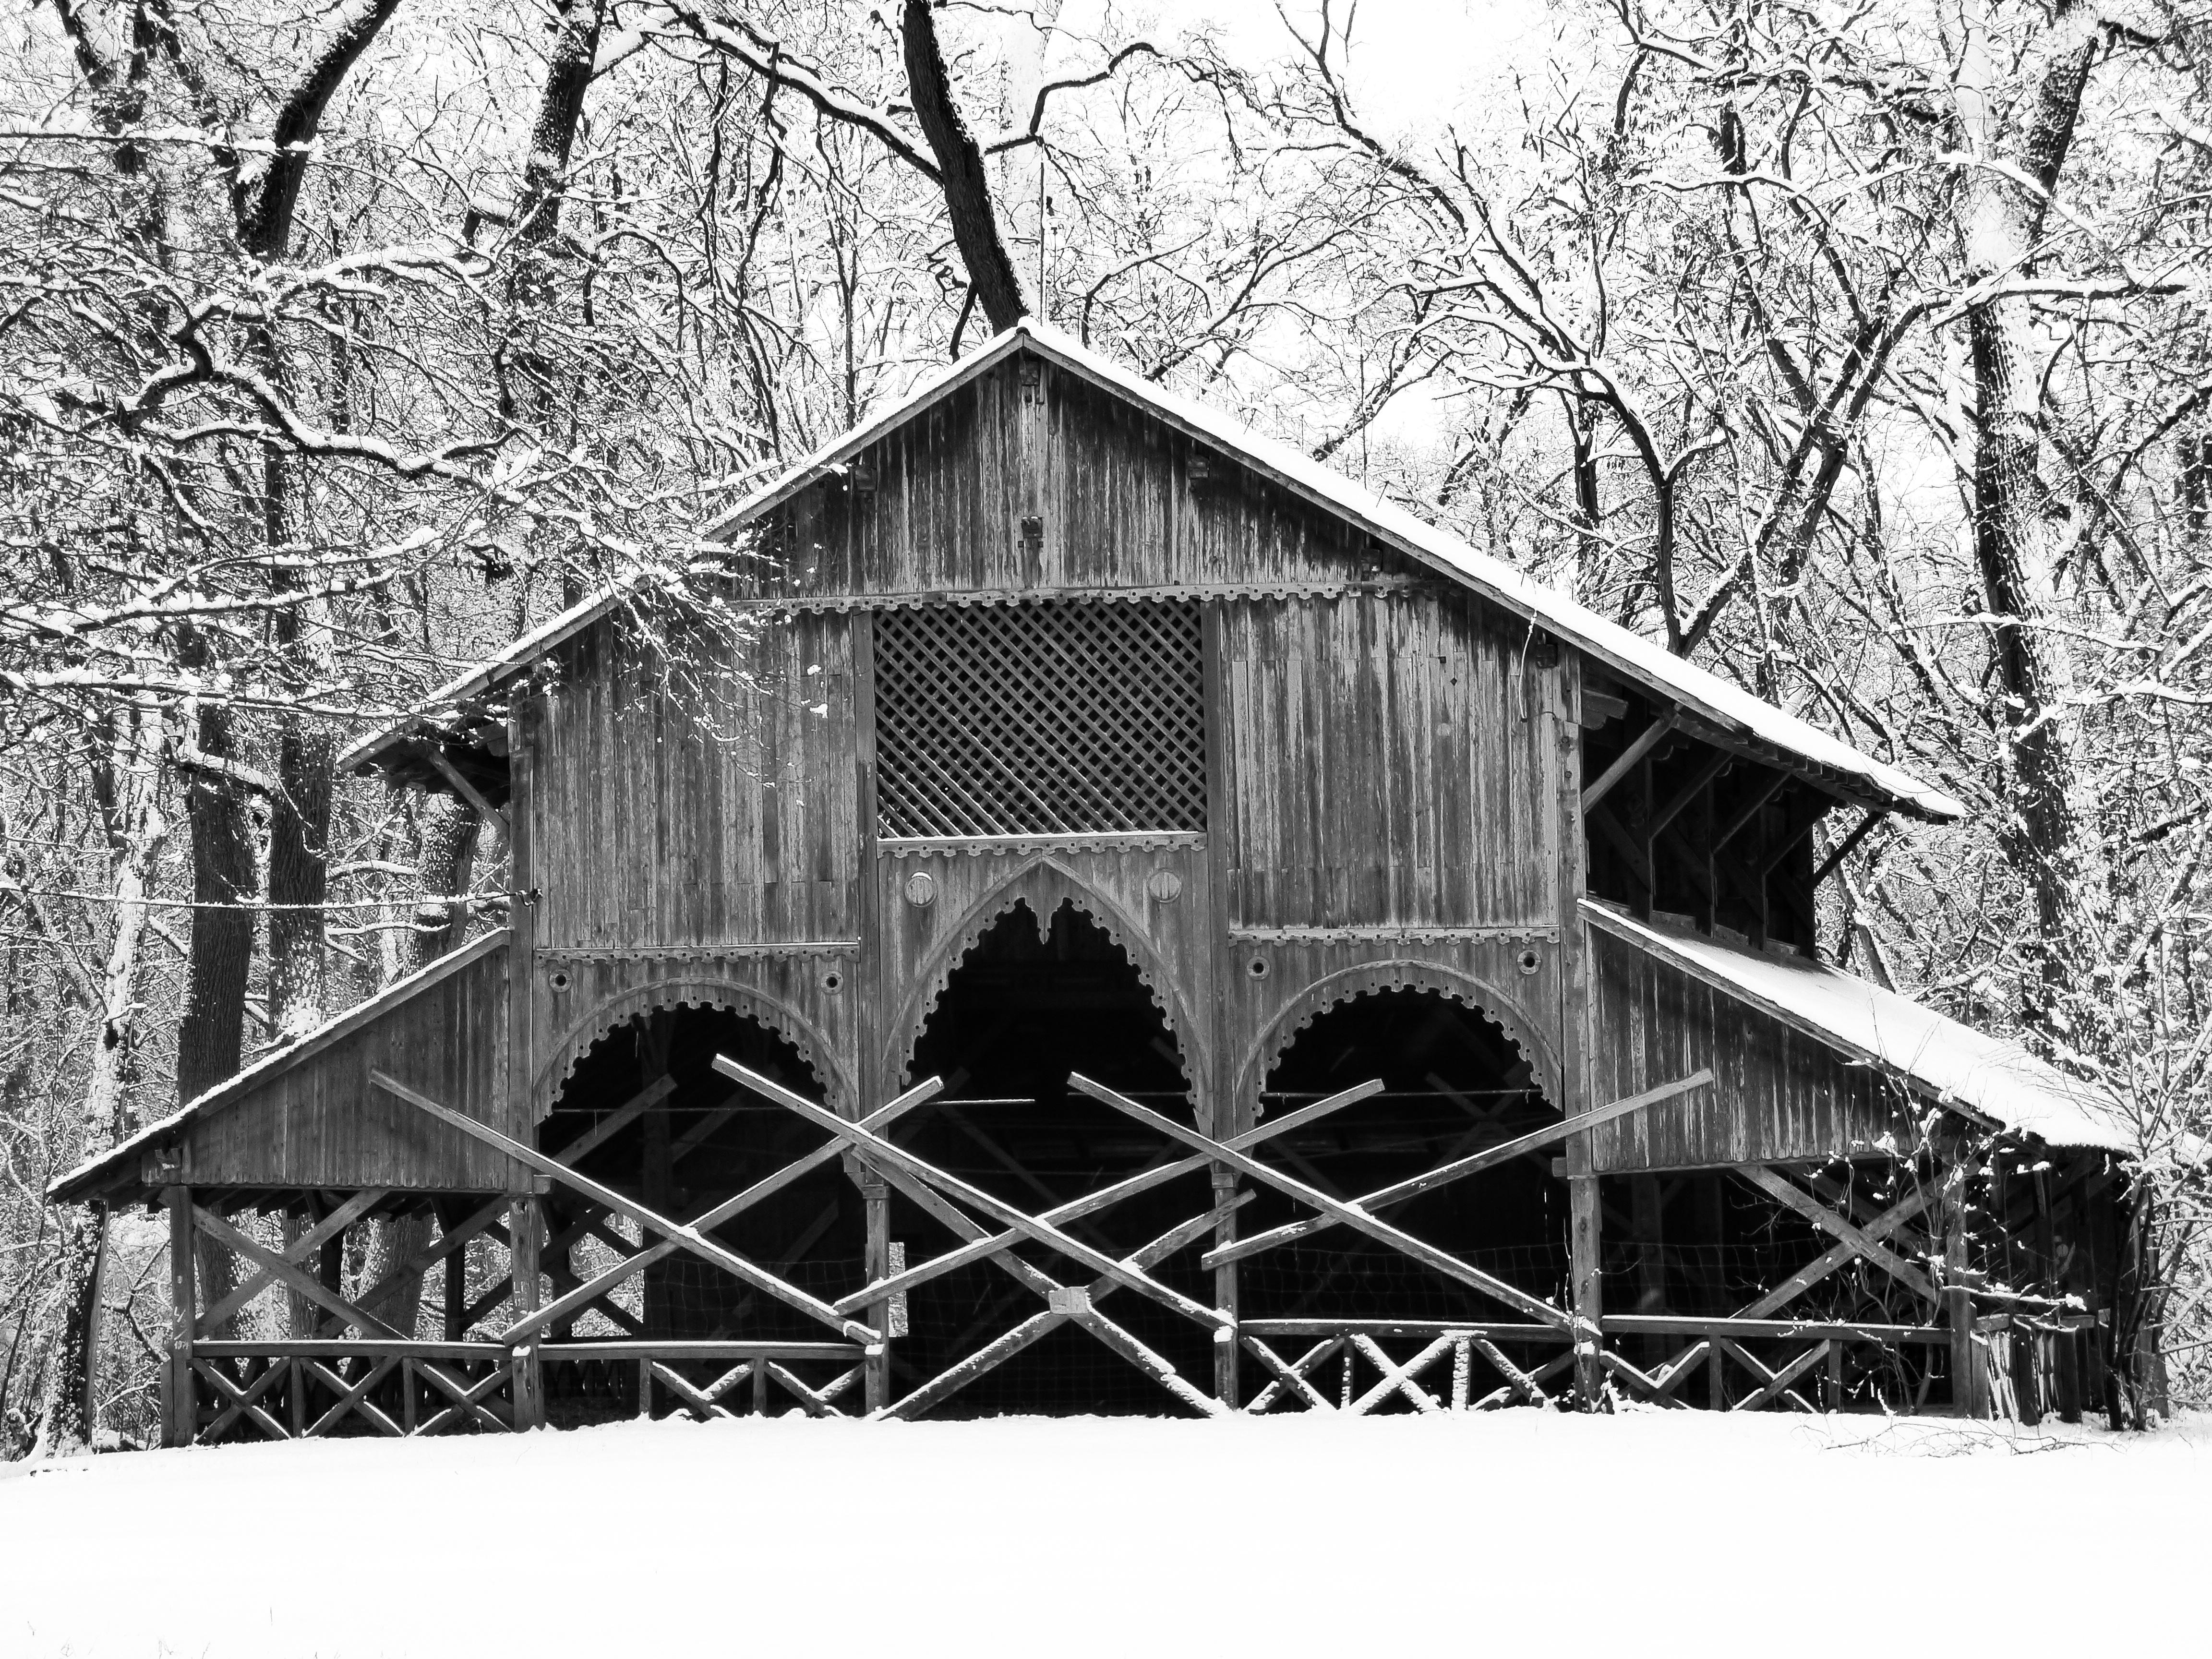 Fotos gratis : árbol, naturaleza, bosque, rama, nieve, frío, en ...